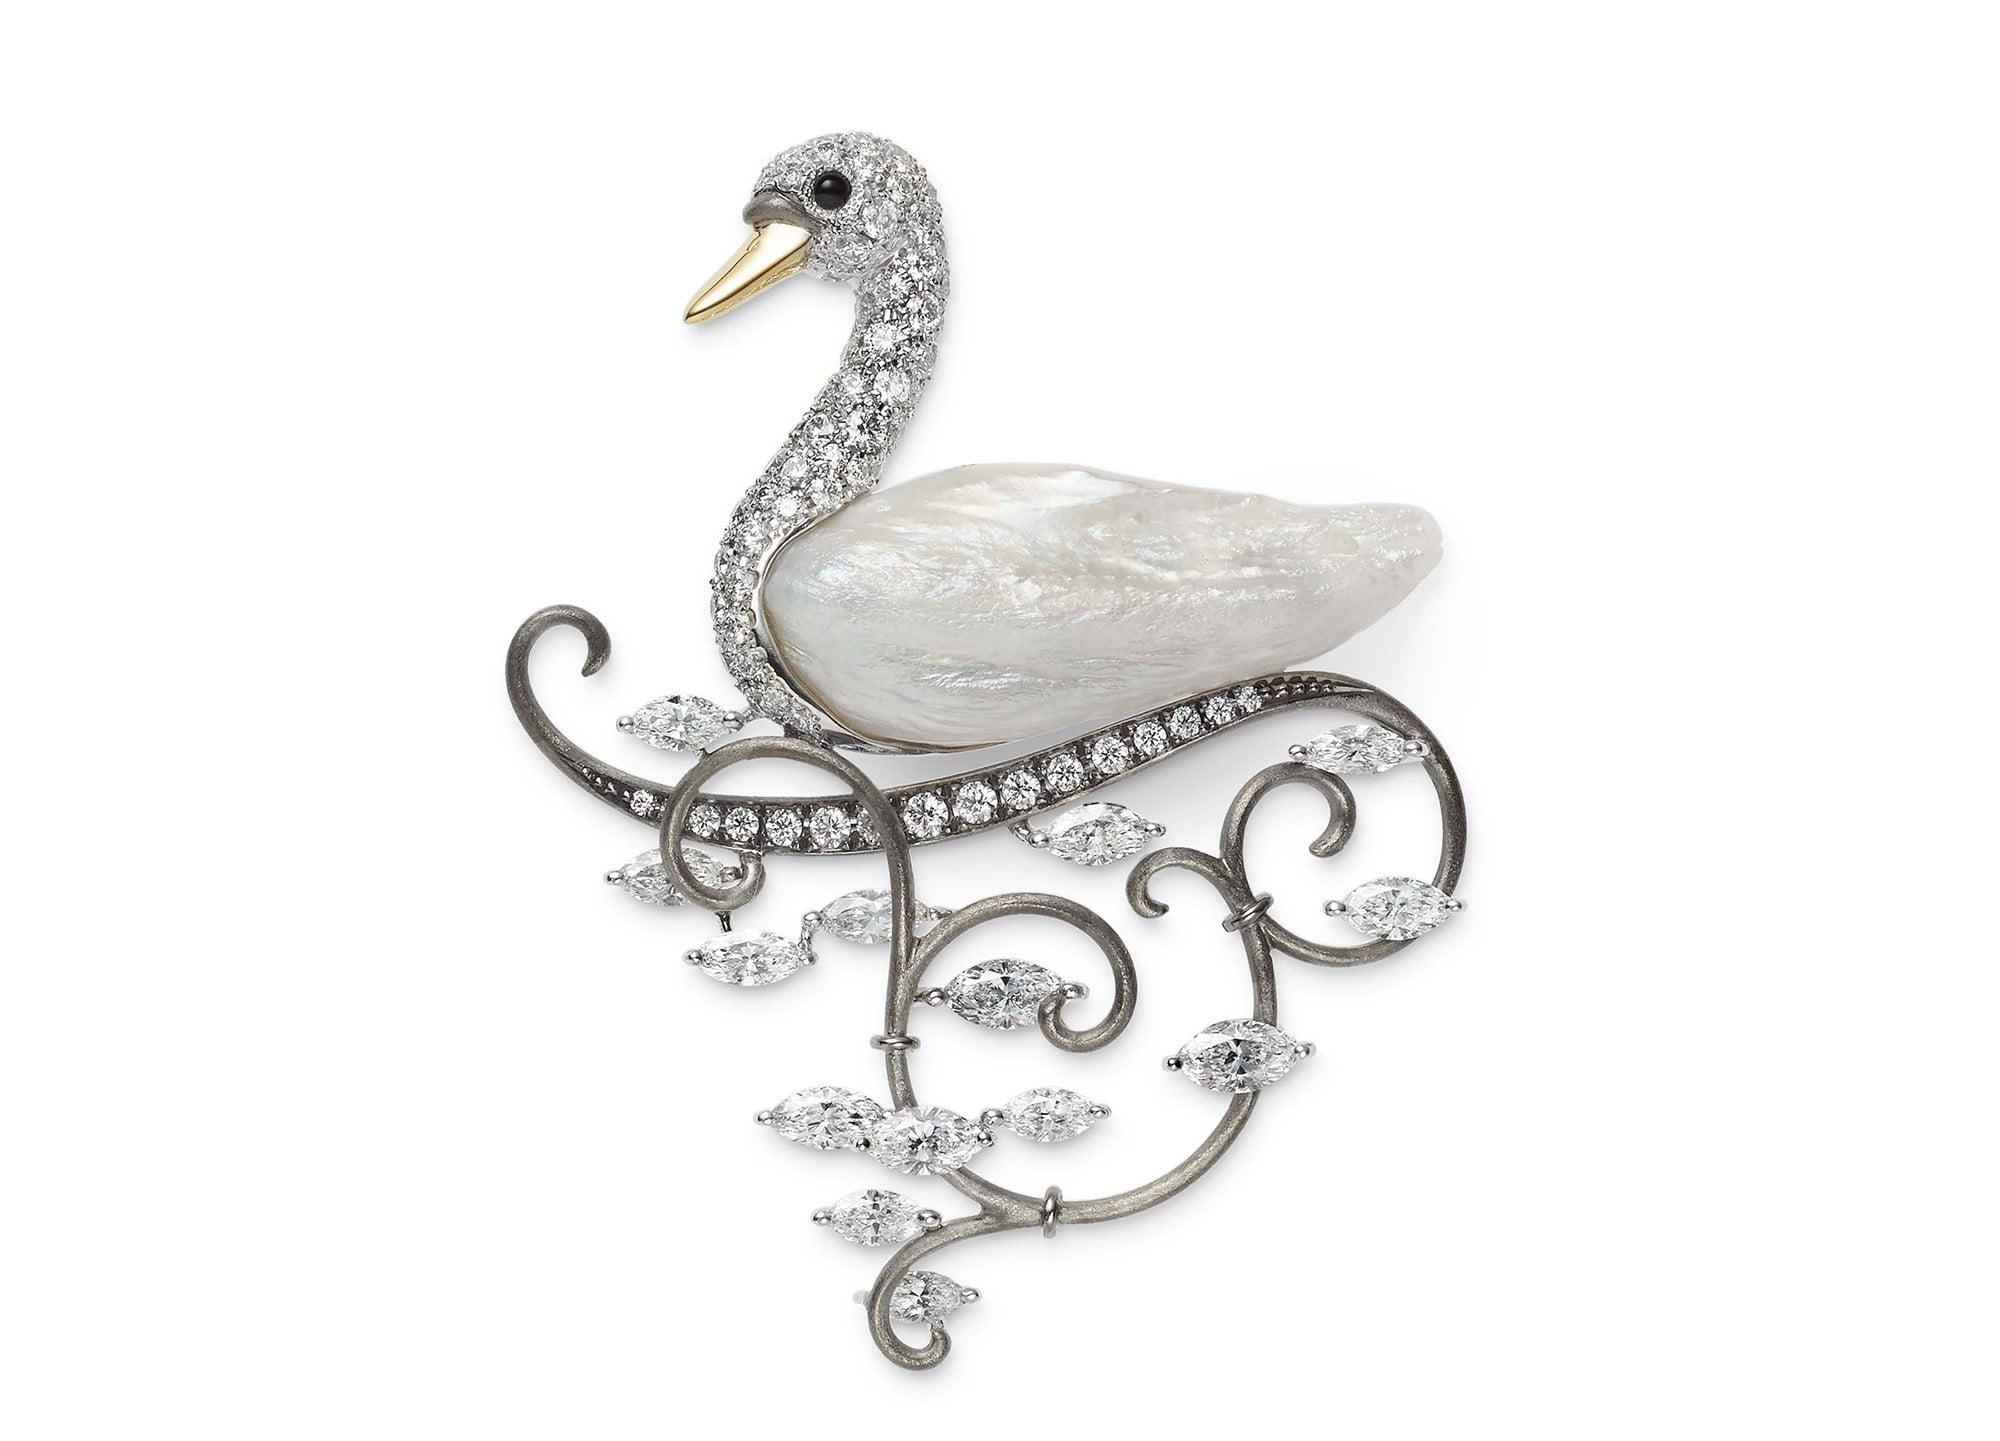 フェザーパールと呼ばれる天然淡水真珠のフォルムを生かした白鳥モチーフ。ダイヤモンドが日差しを受けて輝く湖の水面を想わせる。ブローチ。K18ホワイトゴールド・K18イエローゴールド・天然淡水真珠・オニキス・ダイヤモンド。4,100,000円 税別